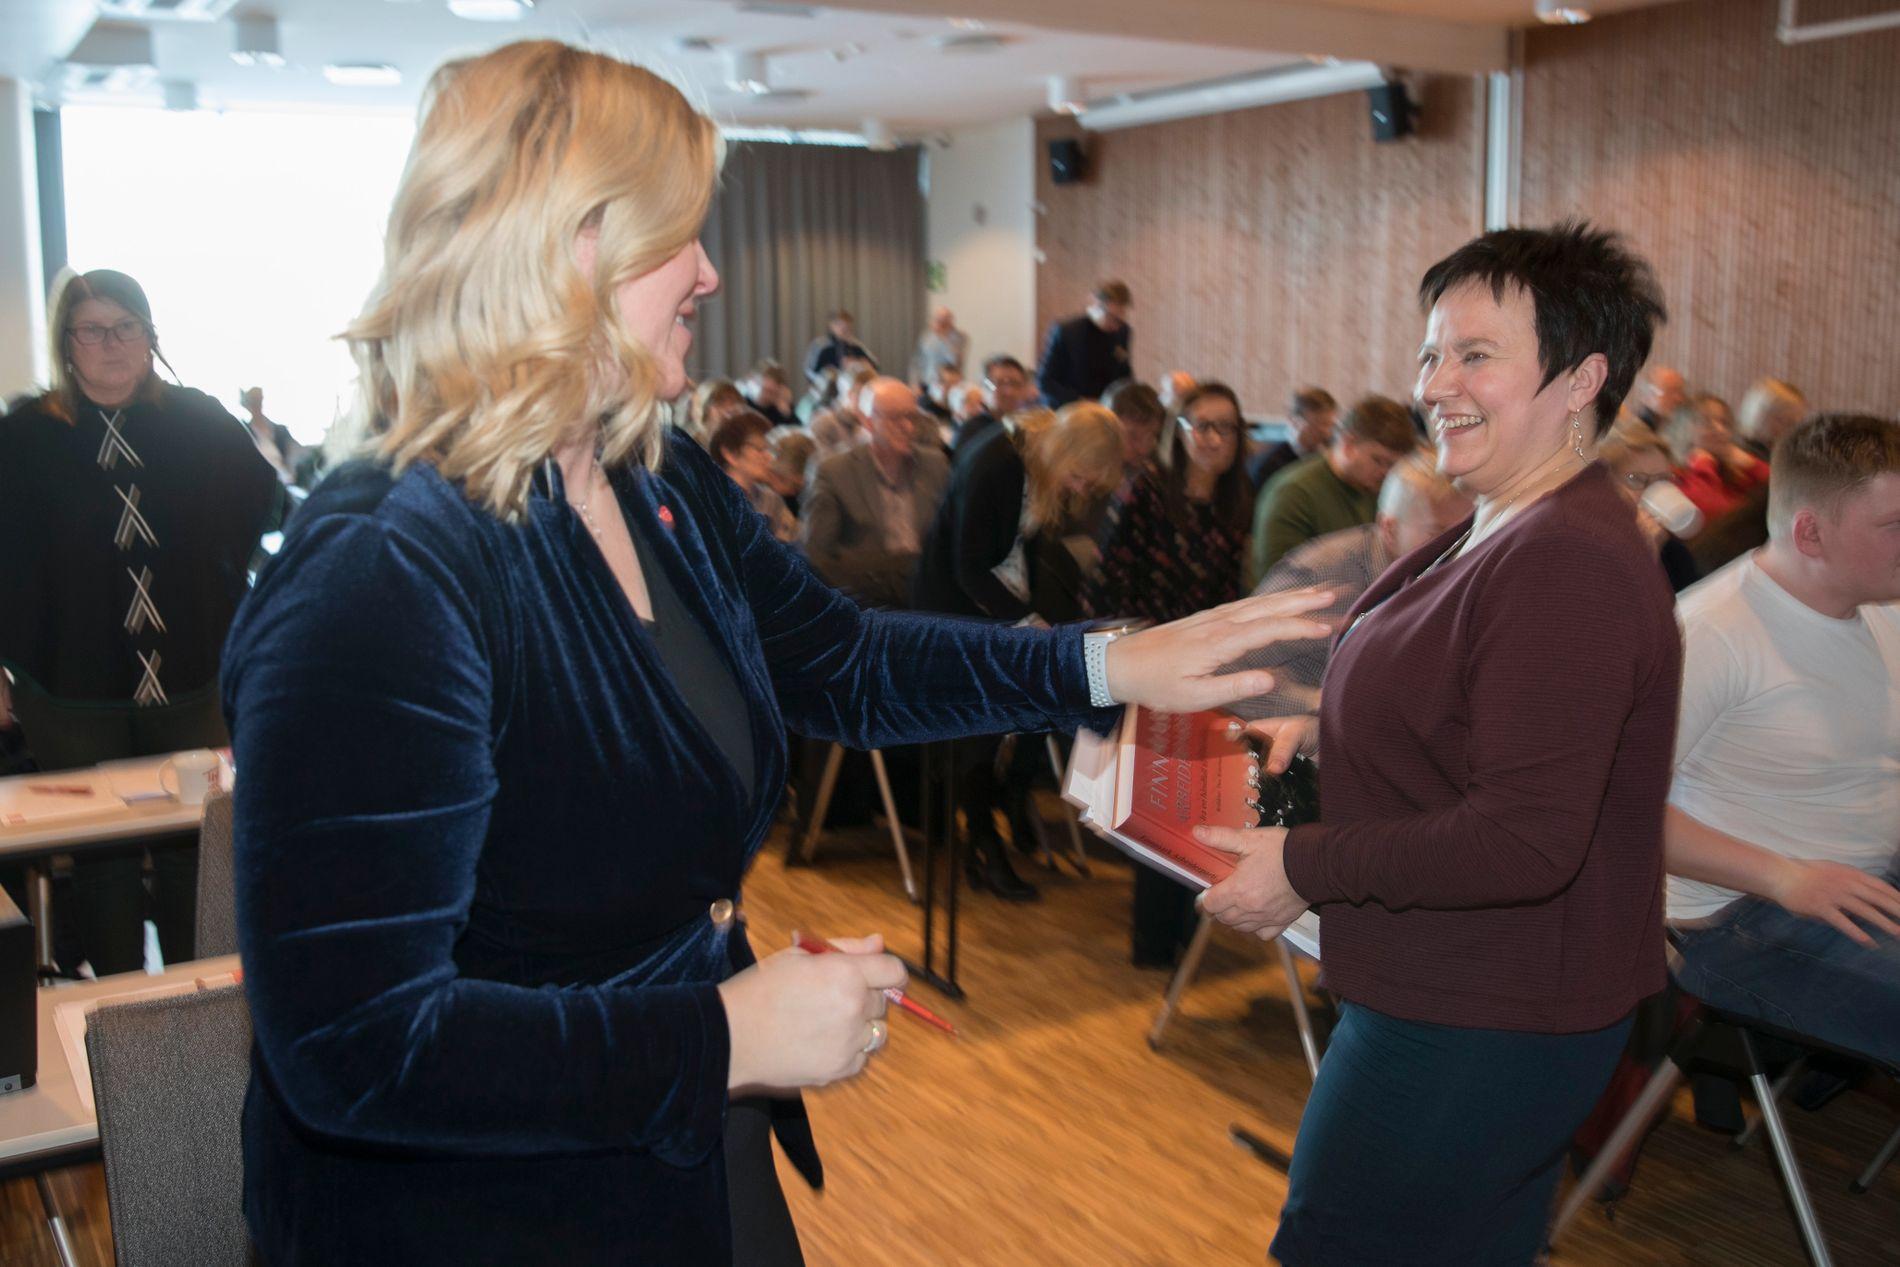 SIER NEI: Fylkesordfører Ragnhild Vassvik (Ap) og flertallet i fylkestinget i Finnmark, sa som ventet nei til avtalen om sammenslåing med Troms torsdag. Bildet er fra fylkesårsmøtet i Ap, der partisekretær Kjersti Stenseng ((til venstre) var gjest.